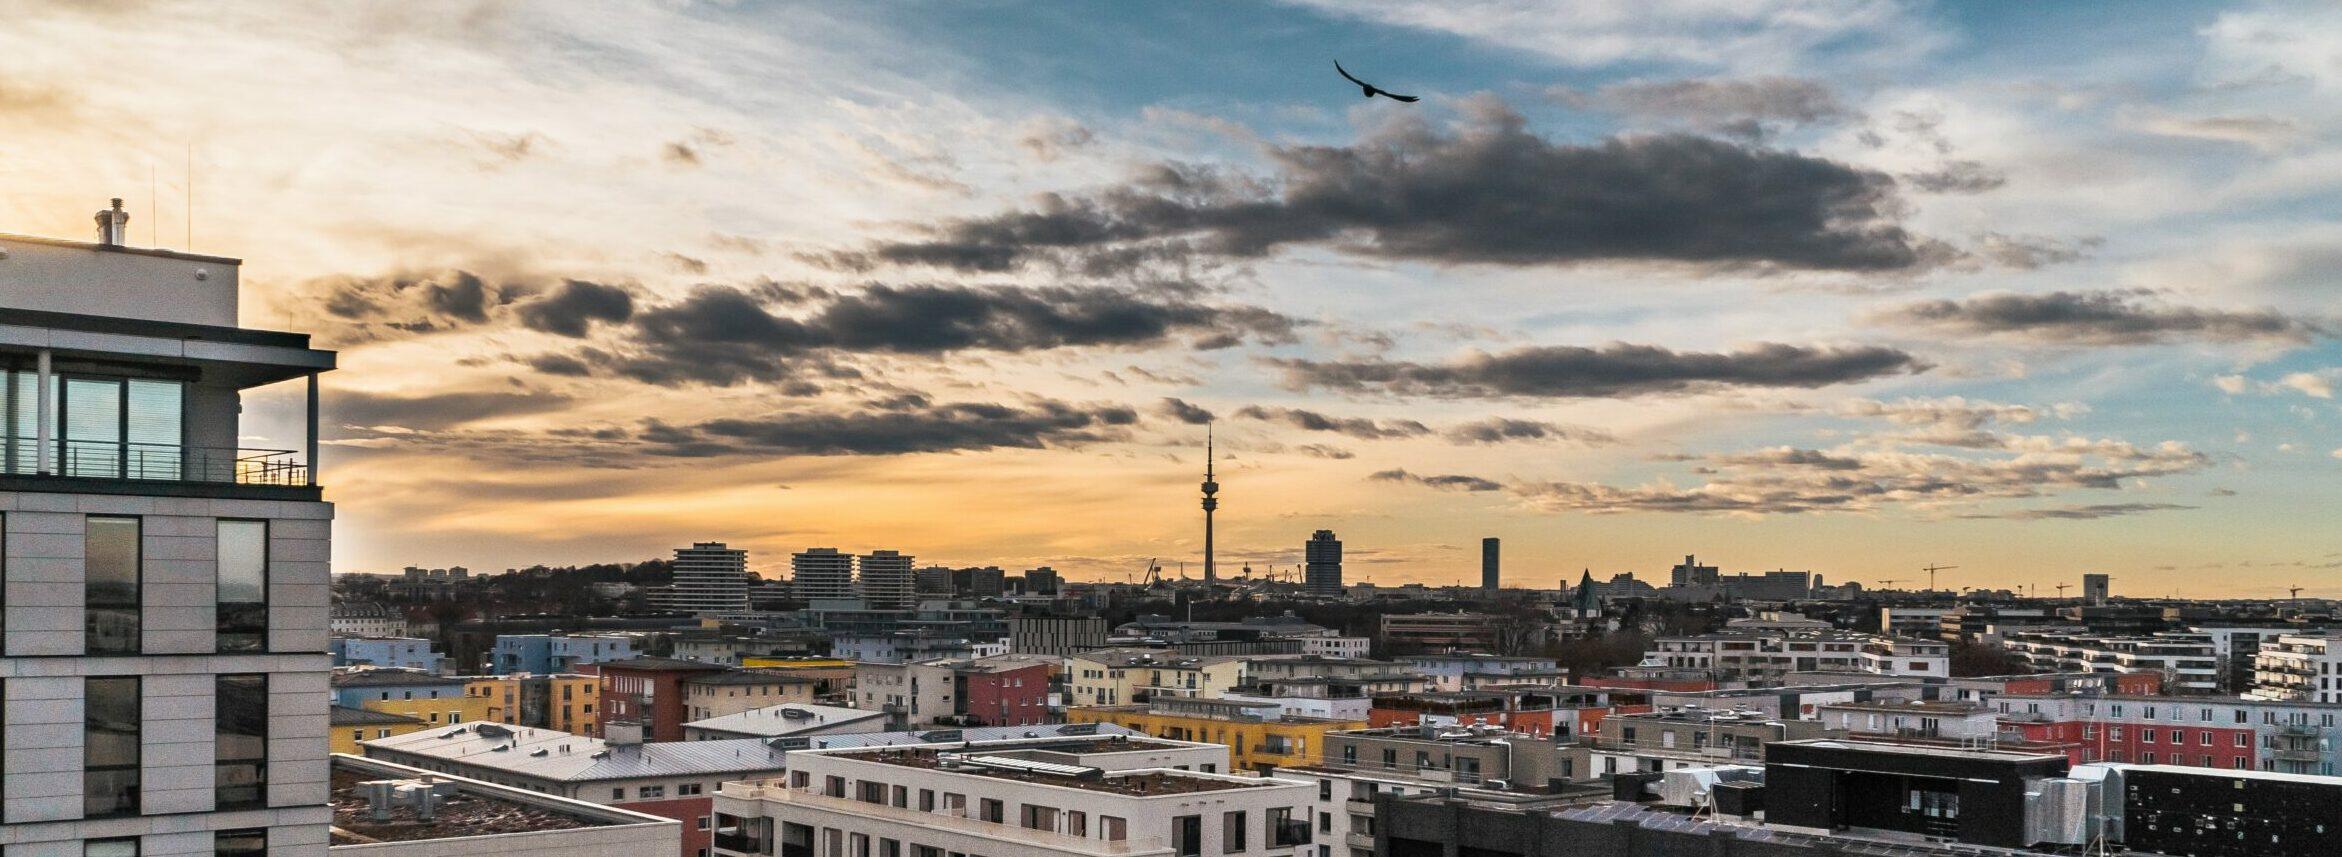 Munich UX Community Photo by Dovi on Unsplash